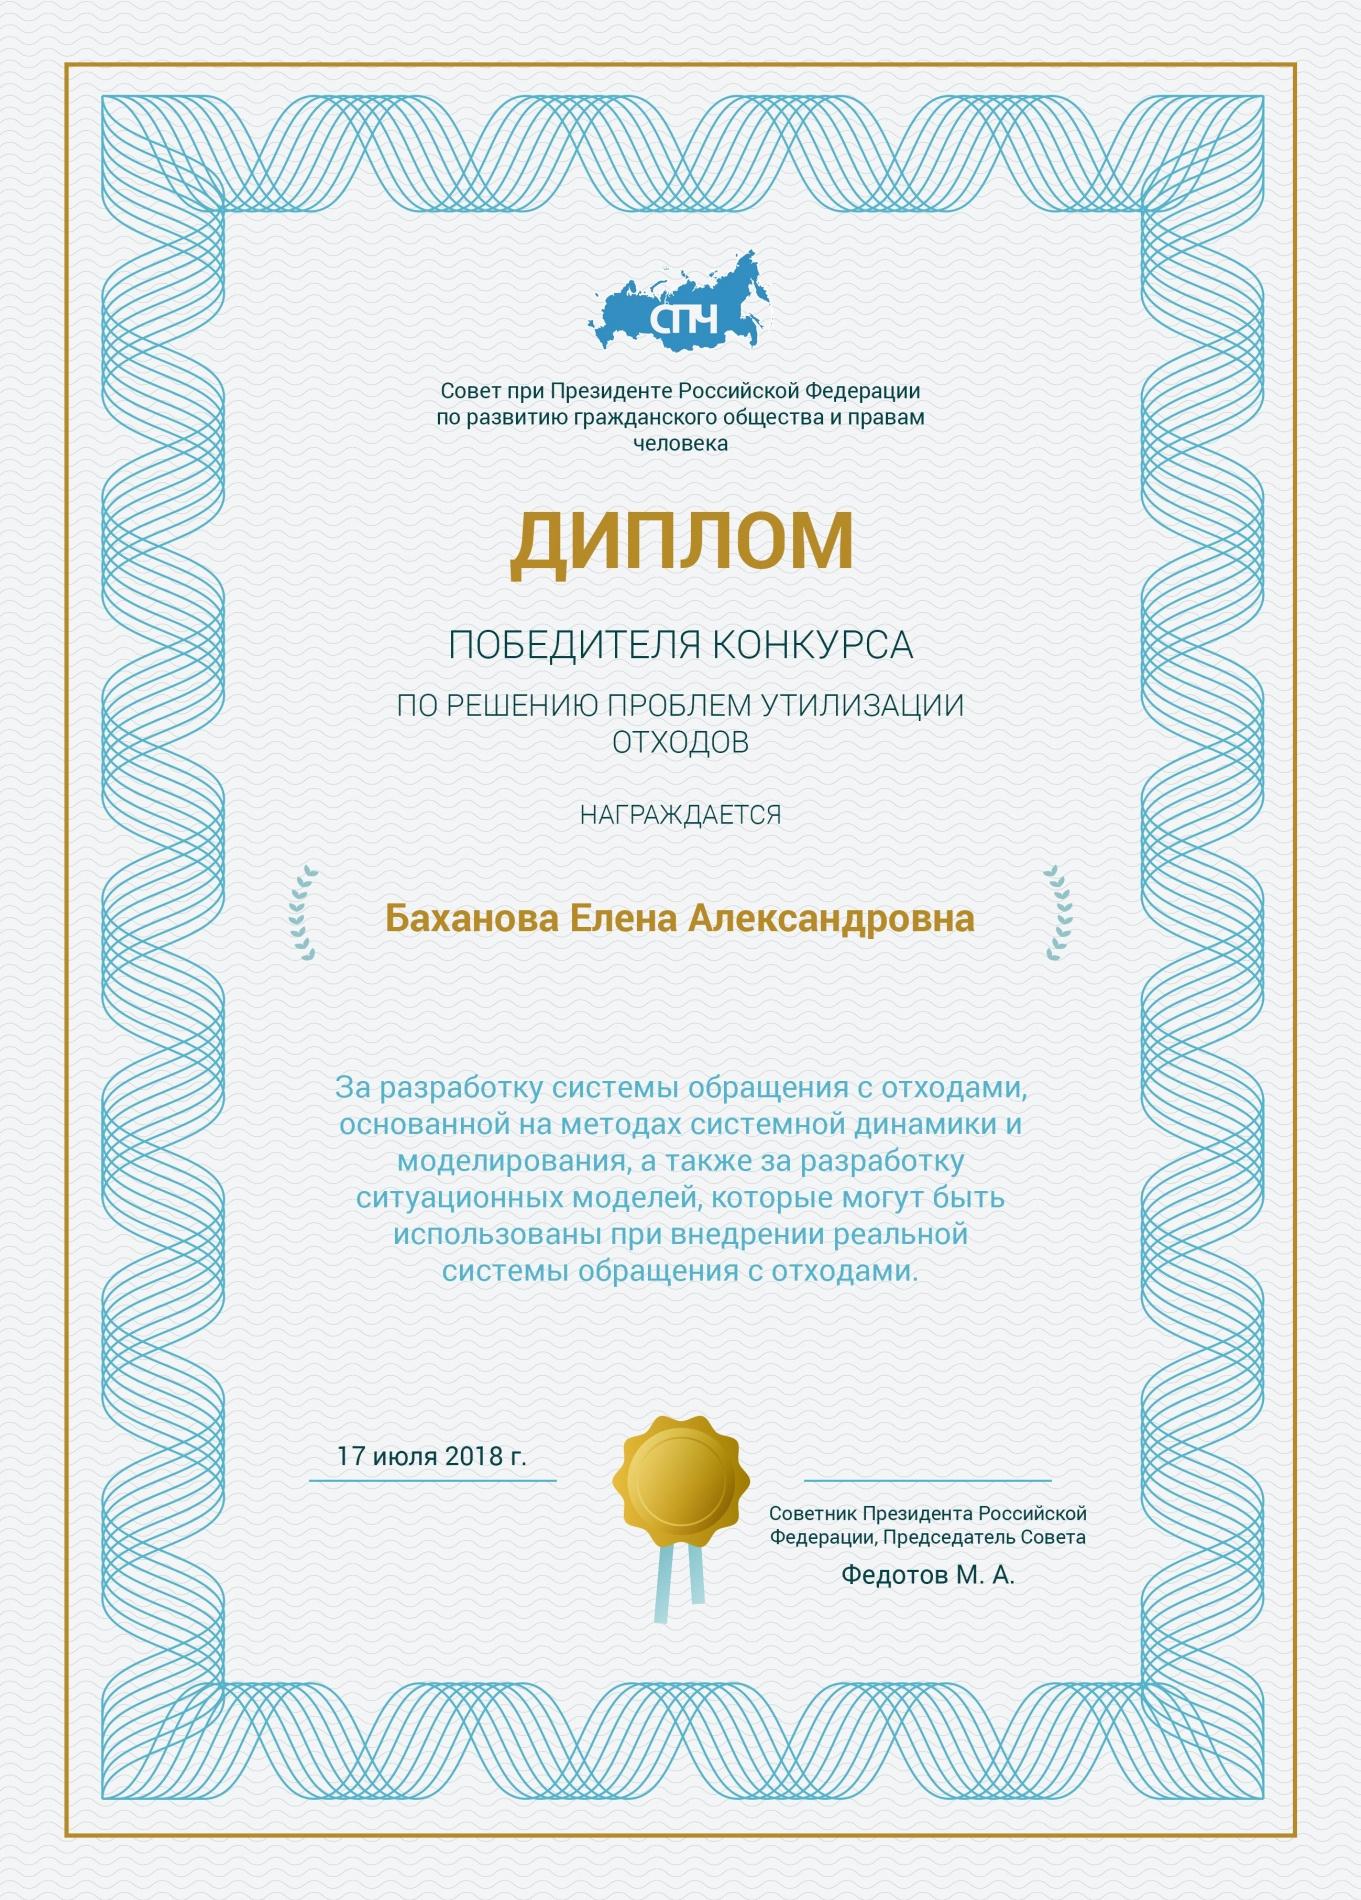 13 ВБаханова Елена Александровна.jpg